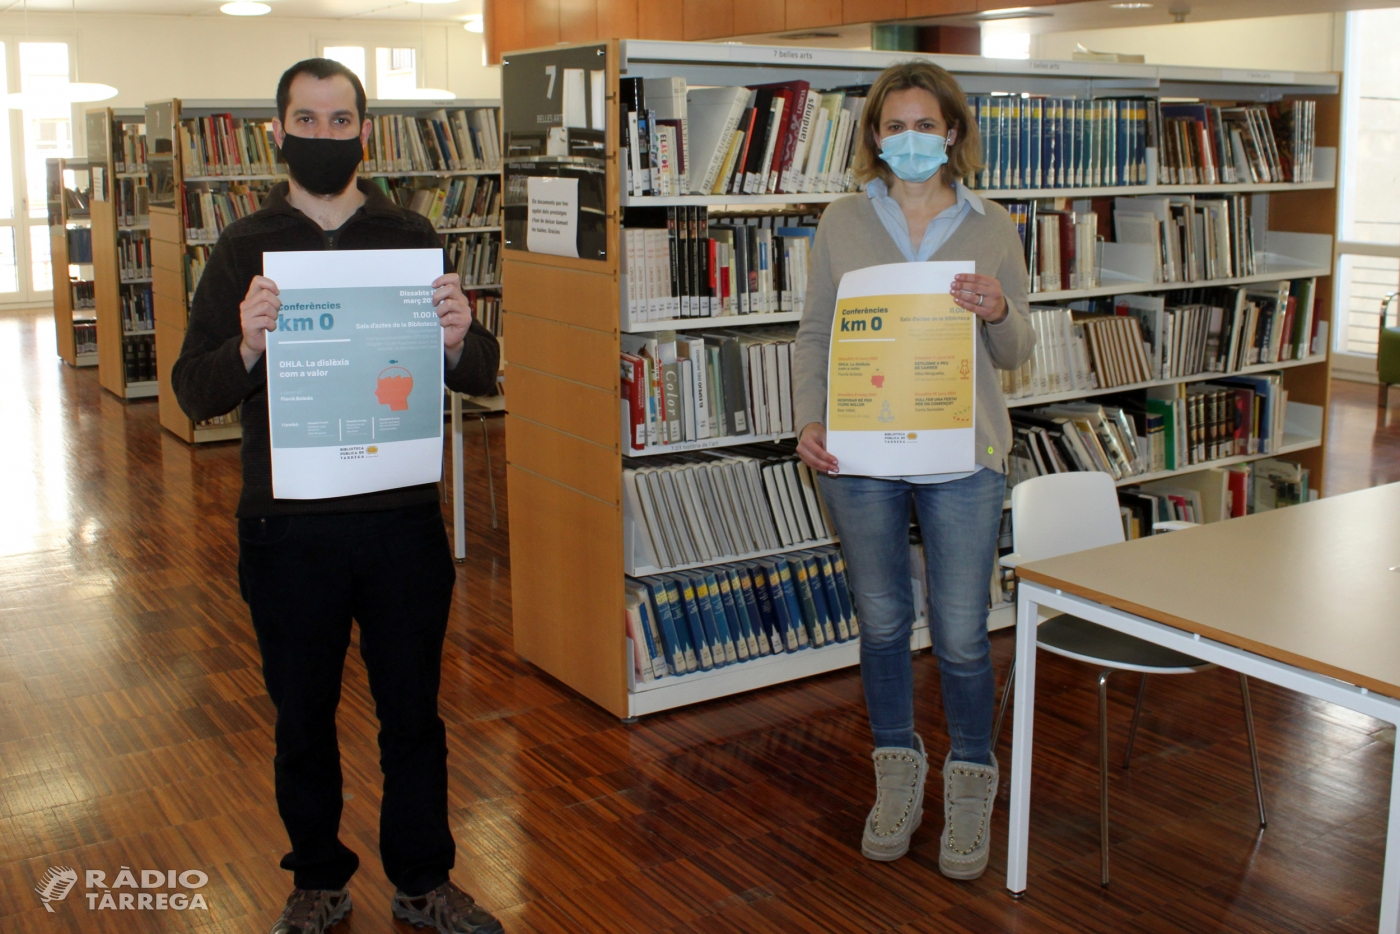 La Biblioteca Pública de Tàrrega - Germanes Güell reprèn dissabte vinent els actes culturals amb públic presencial oferint un nou cicle de conferències